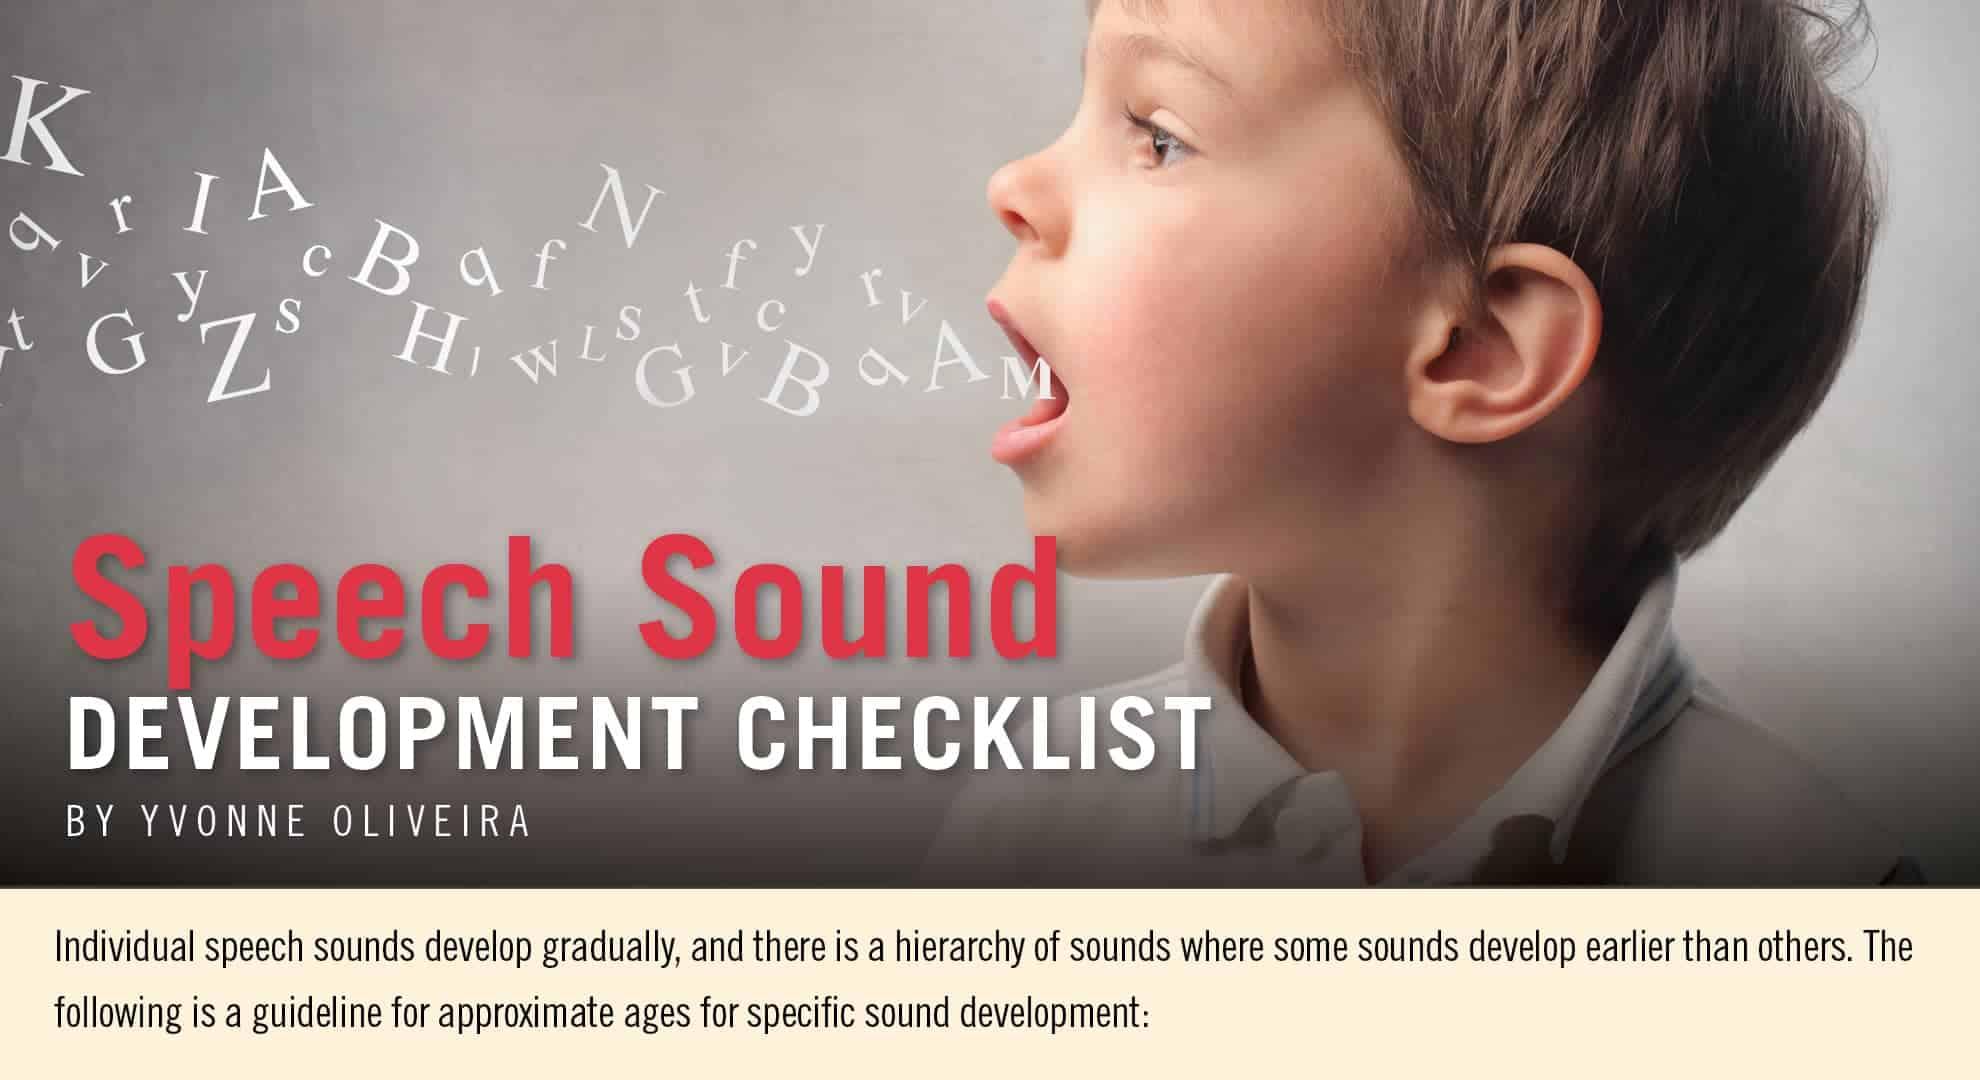 Speech Sound Development Checklist